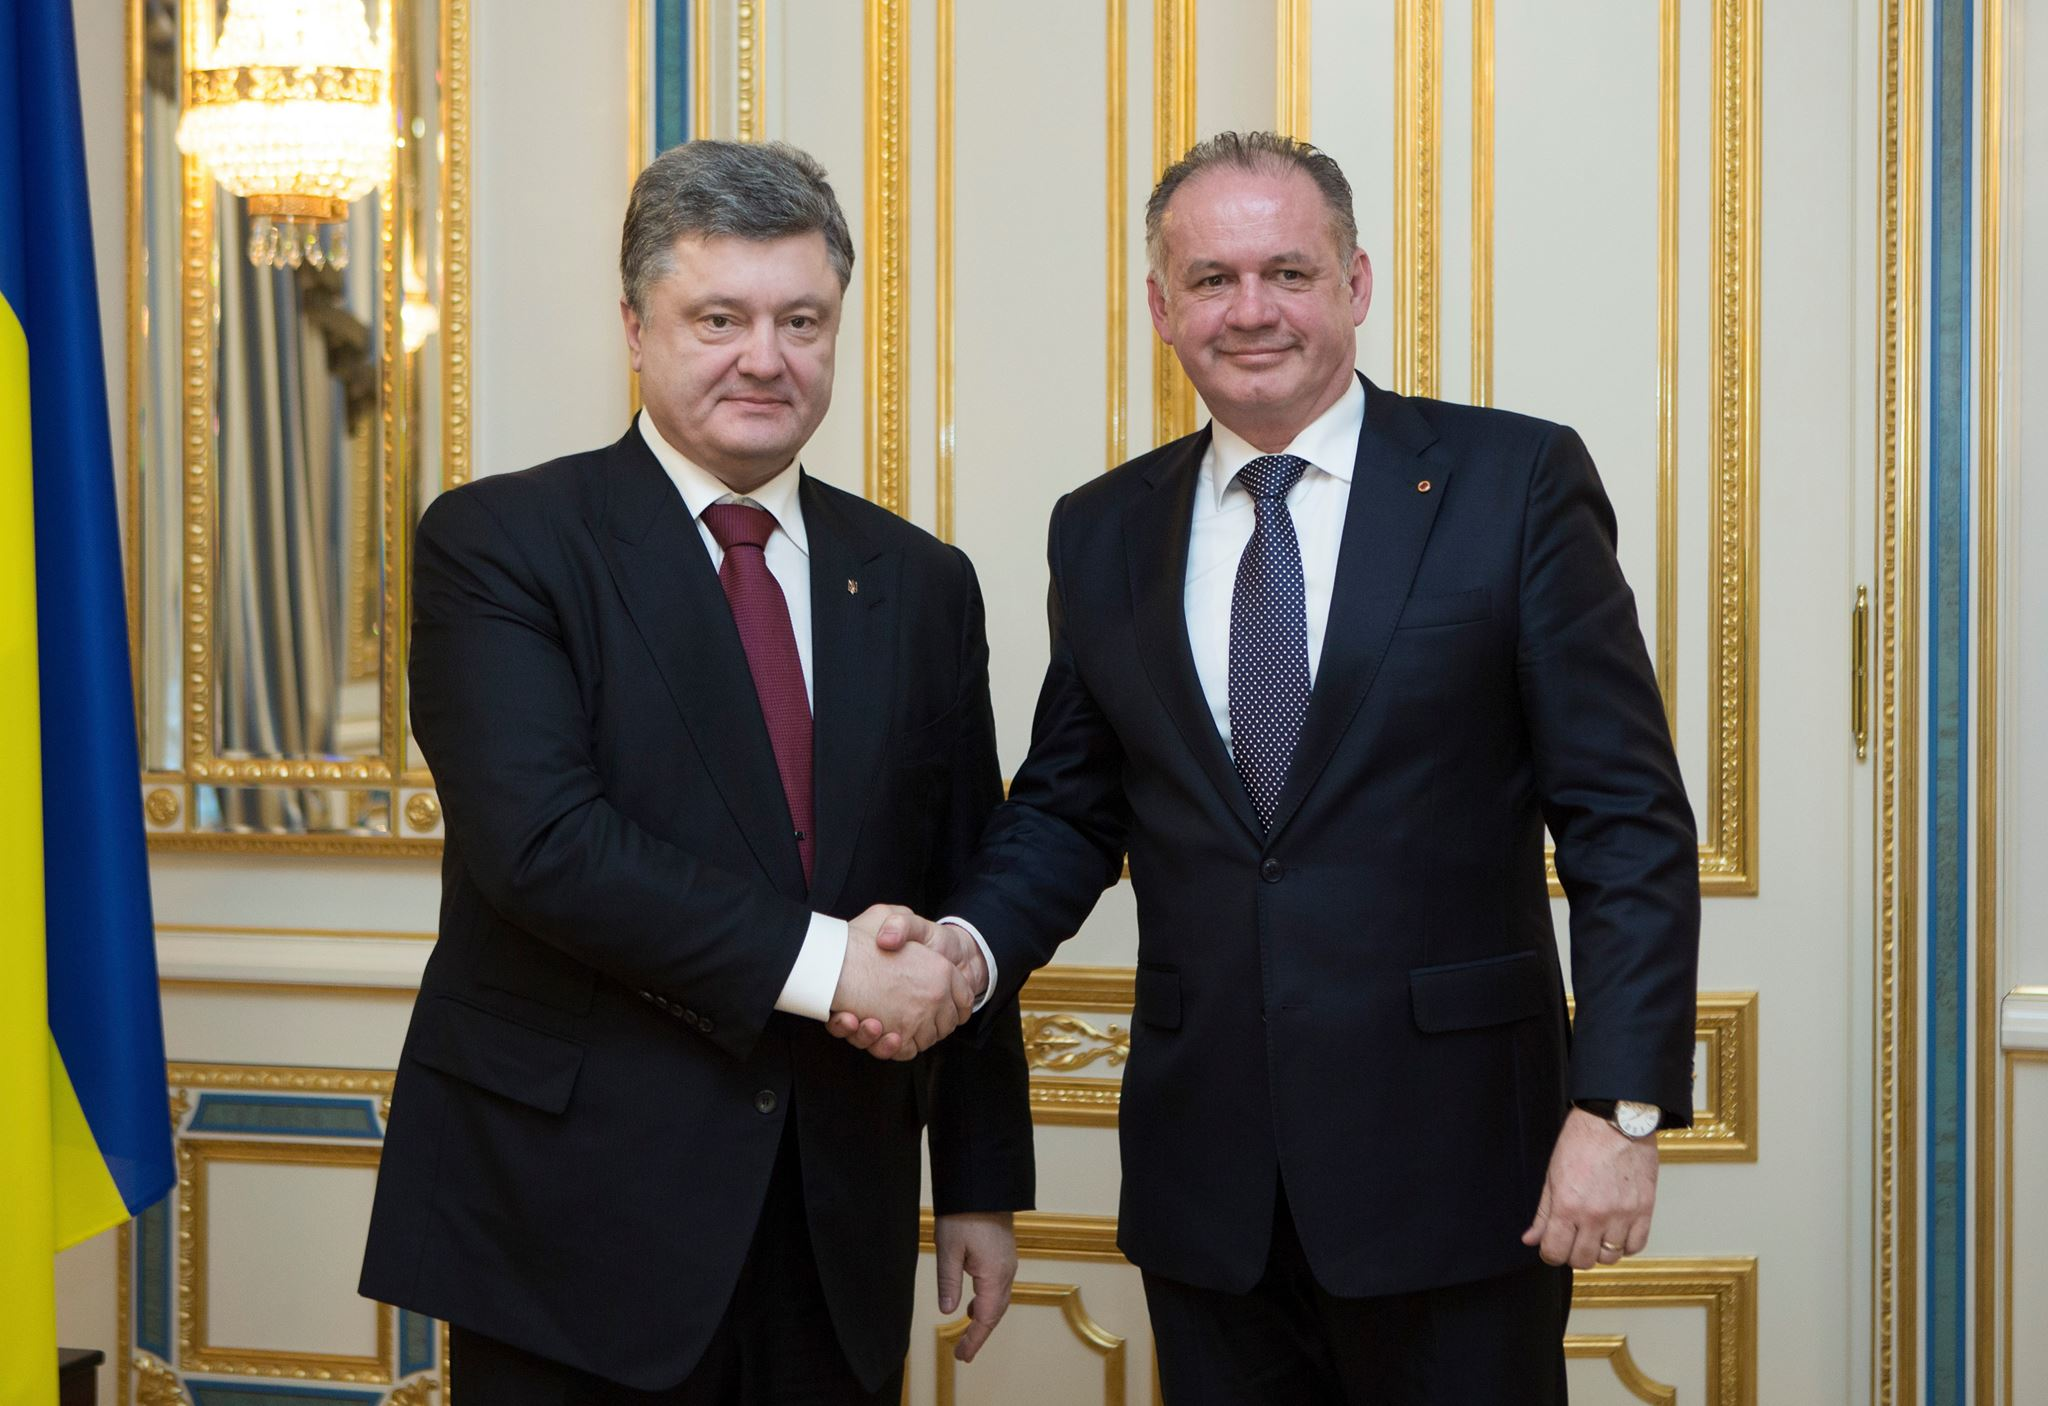 Prezident Kiska sa svojho ukrajinského náprotivka neopýtal, prečo sú dvaja slovenskí občania na zozname nežiaducich osôb. (Foto: archív)